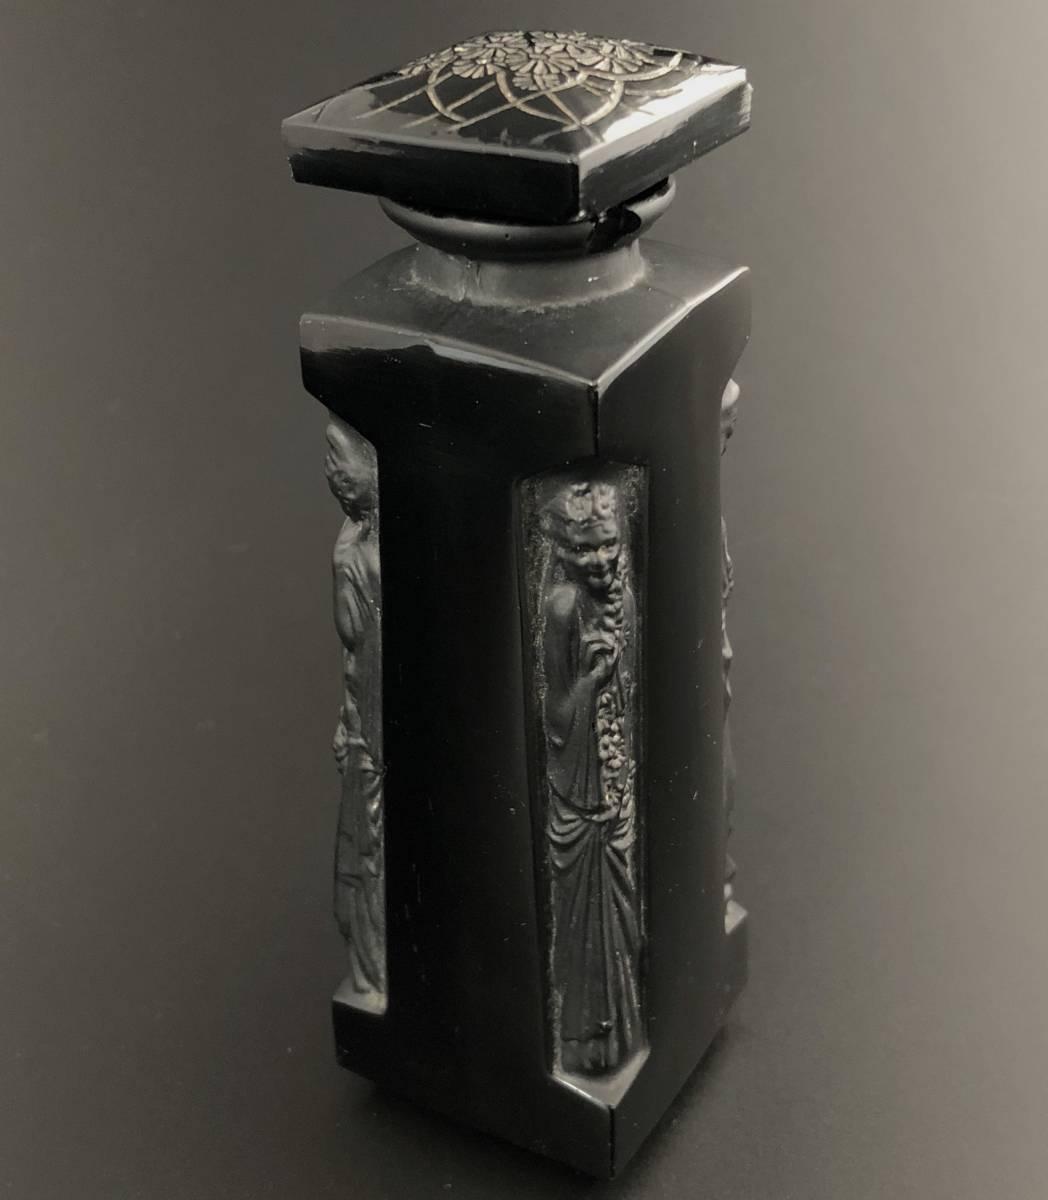 【値下げ可】/ルネ・ラリック/AMBRE D'ORSAY/黒/アンブル・ドルセー/高さ13cm/香水瓶/Lalique/フランス有名ブランド/ガラス工芸/送料無料_画像3